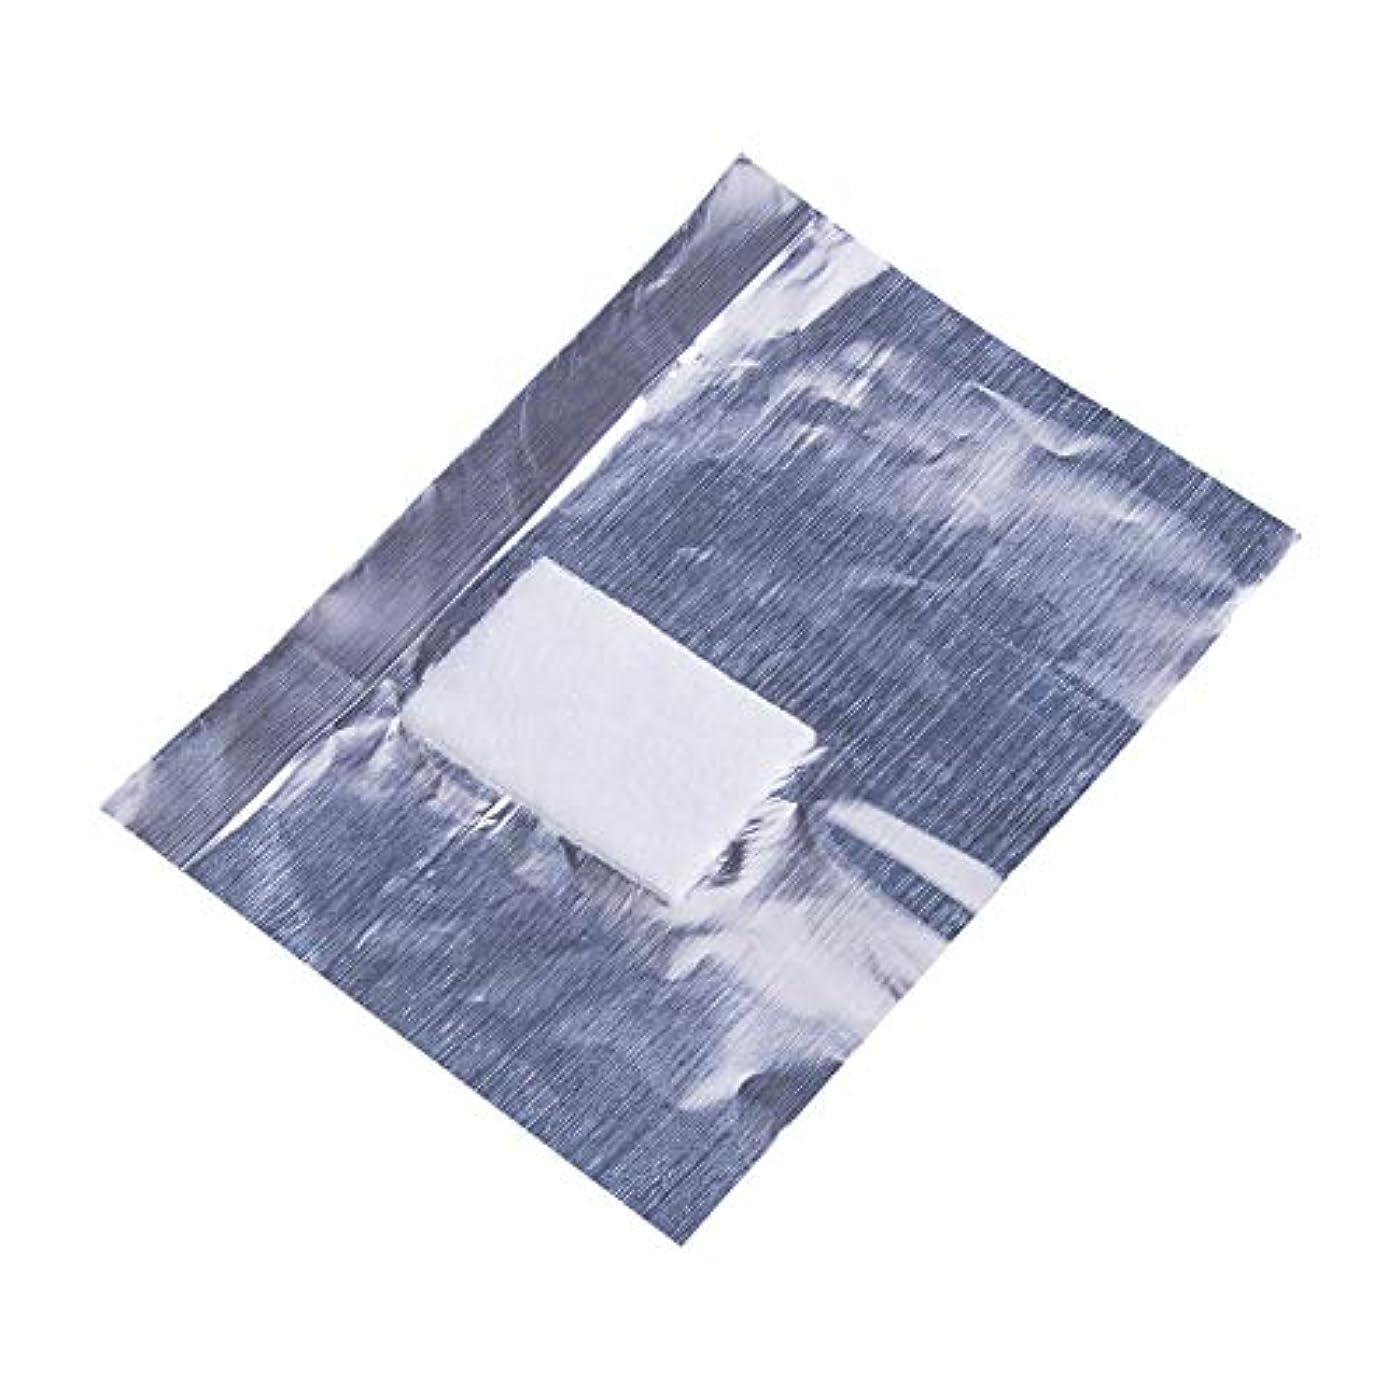 ウガンダラベンダー傾向があるジェルネイルオフ 使い捨て コットン付きアルミホイル ジェルネイルリムーバー アクリルUVジェル マニキュア用品 ネイル用品 (50pcs)